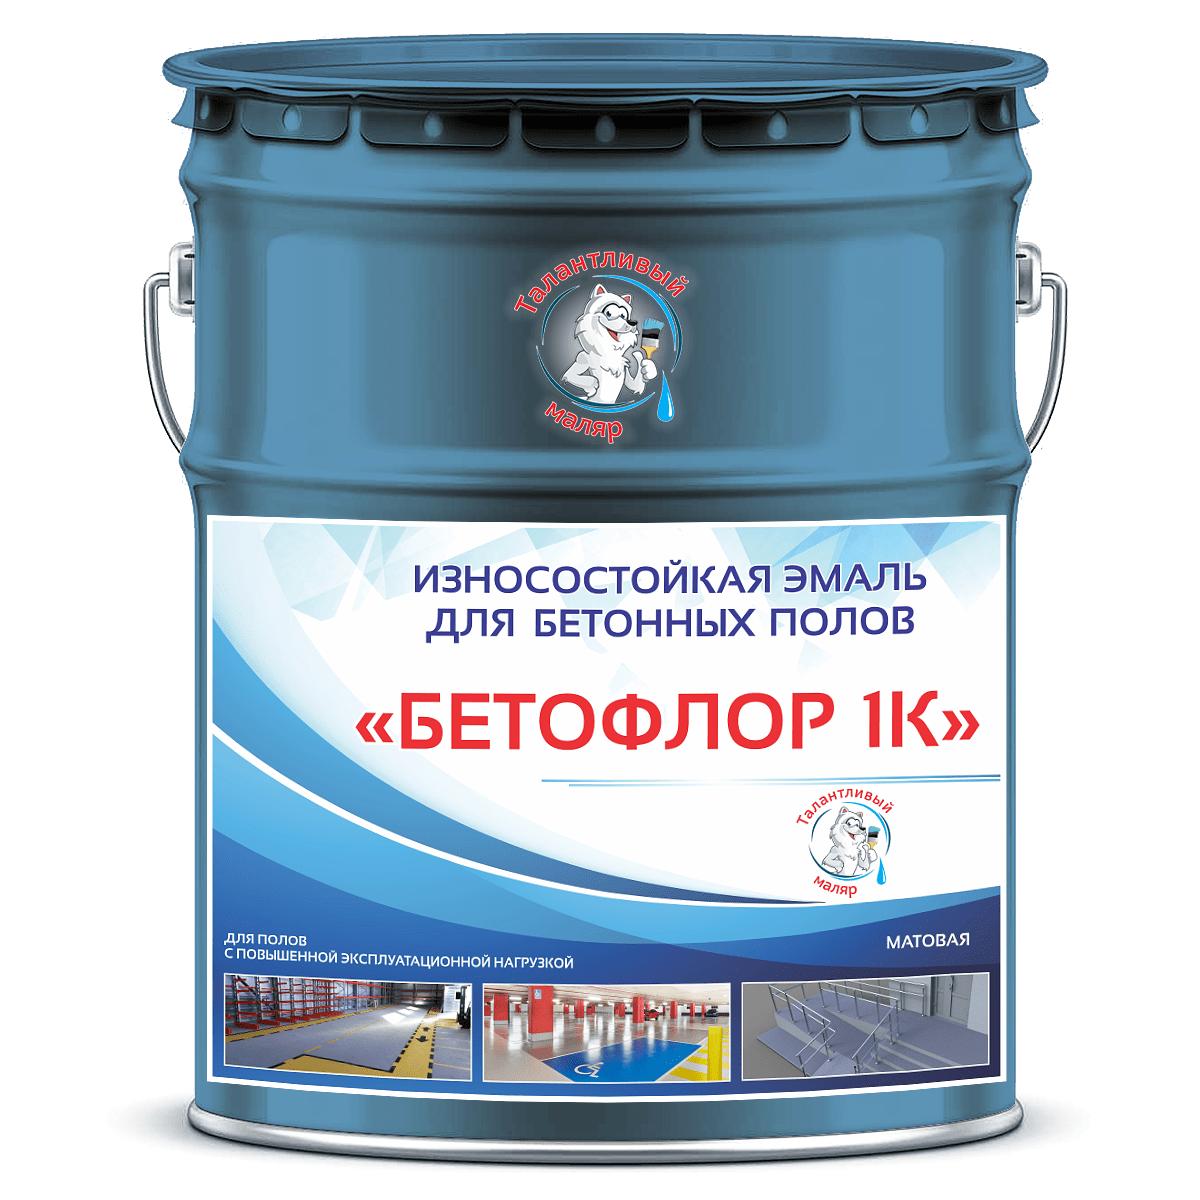 """Фото 21 - BF5009 Эмаль для бетонных полов """"Бетофлор"""" 1К цвет RAL 5009 Лазурно-синий, матовая износостойкая, 25 кг """"Талантливый Маляр""""."""